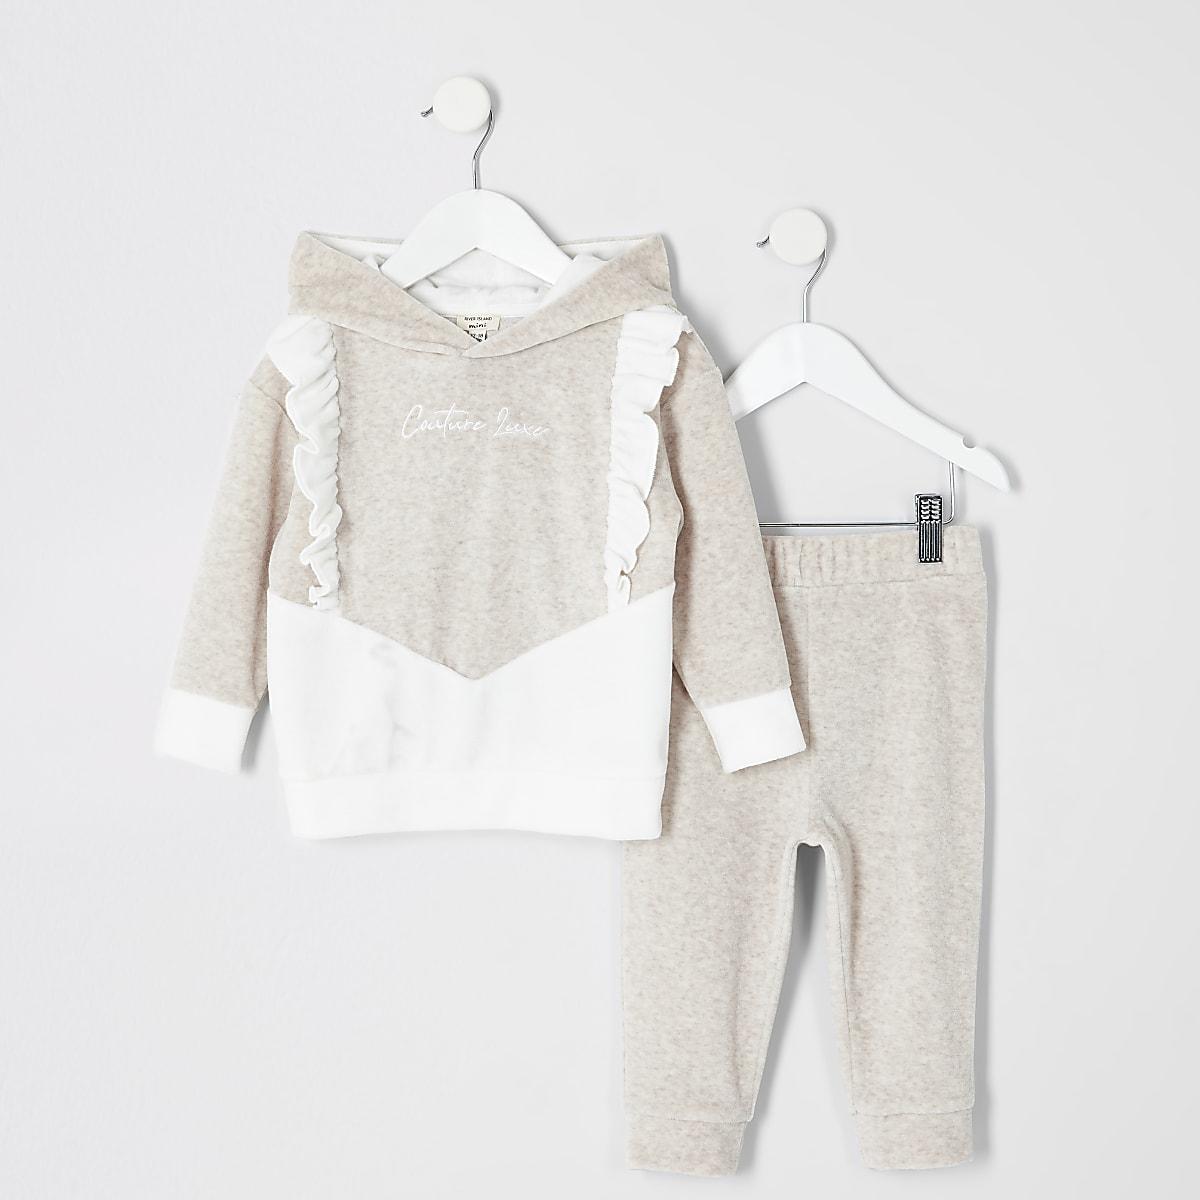 Mini - Outfit met hoodie van velours met 'couture'-tekst voor meisjes